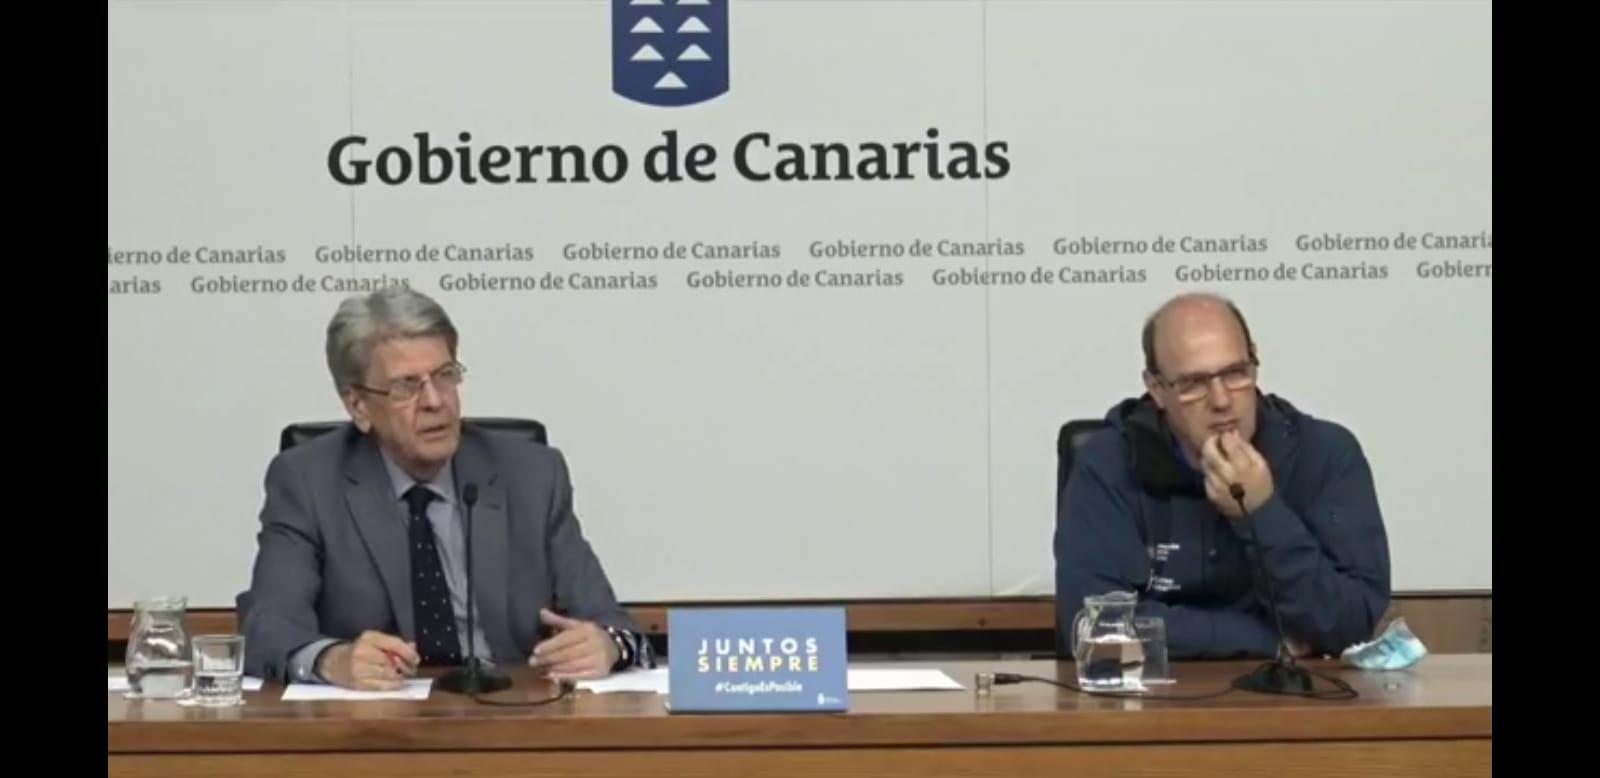 Julio Pérez y Florencio López en la presentación de la campaña de prevención y extinción de incendios forestales 2020